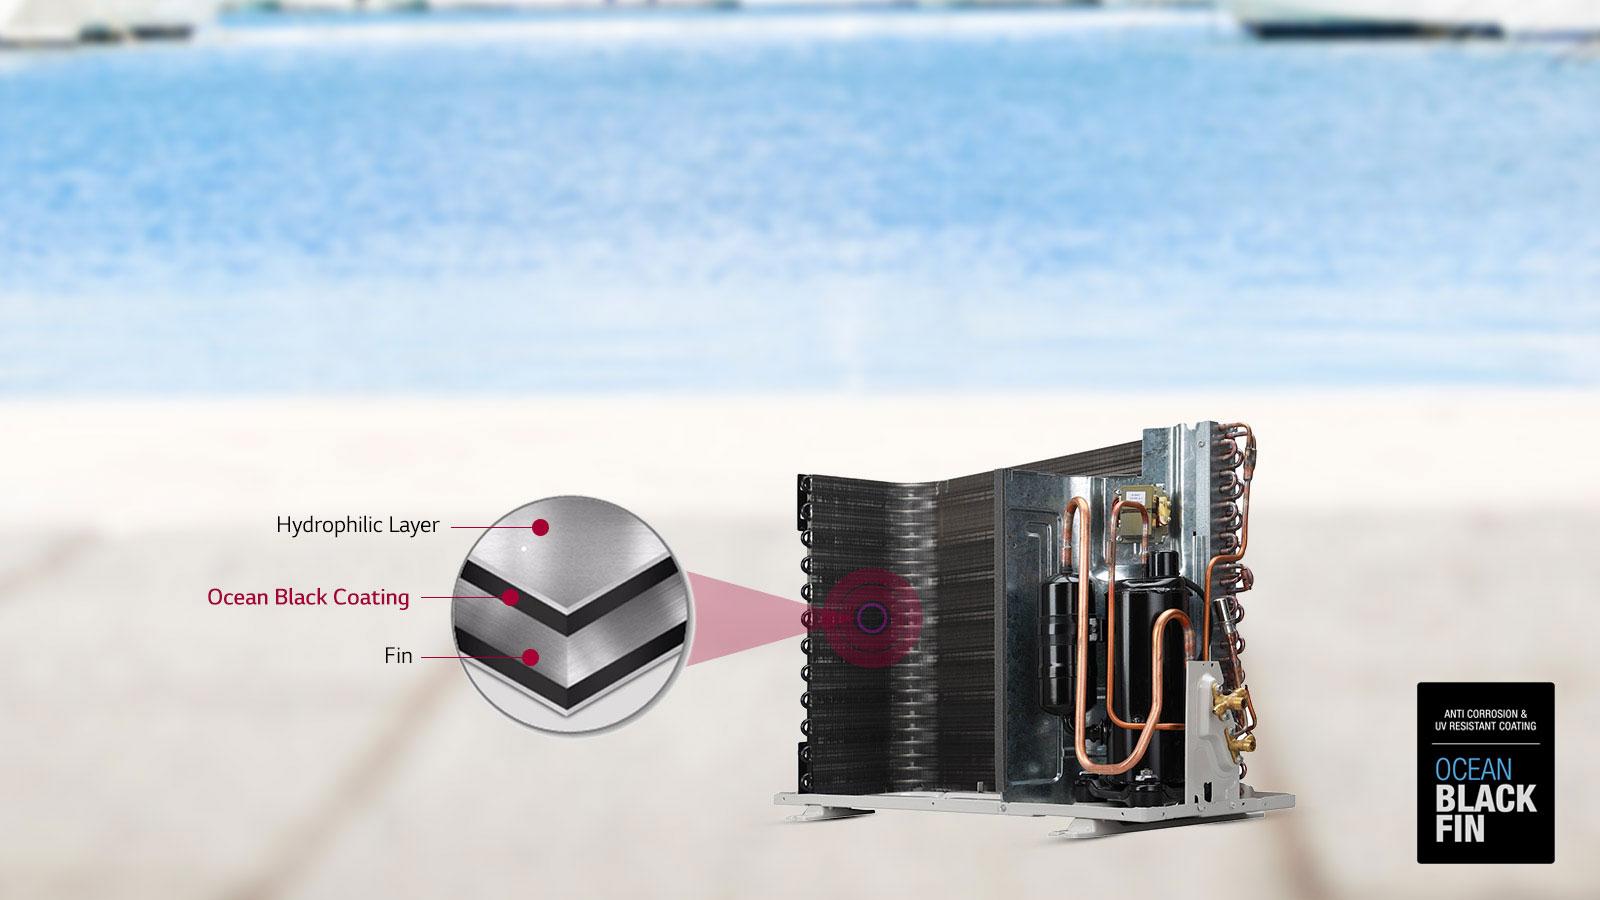 LG LS-H12VNXD Ocean Black Fin